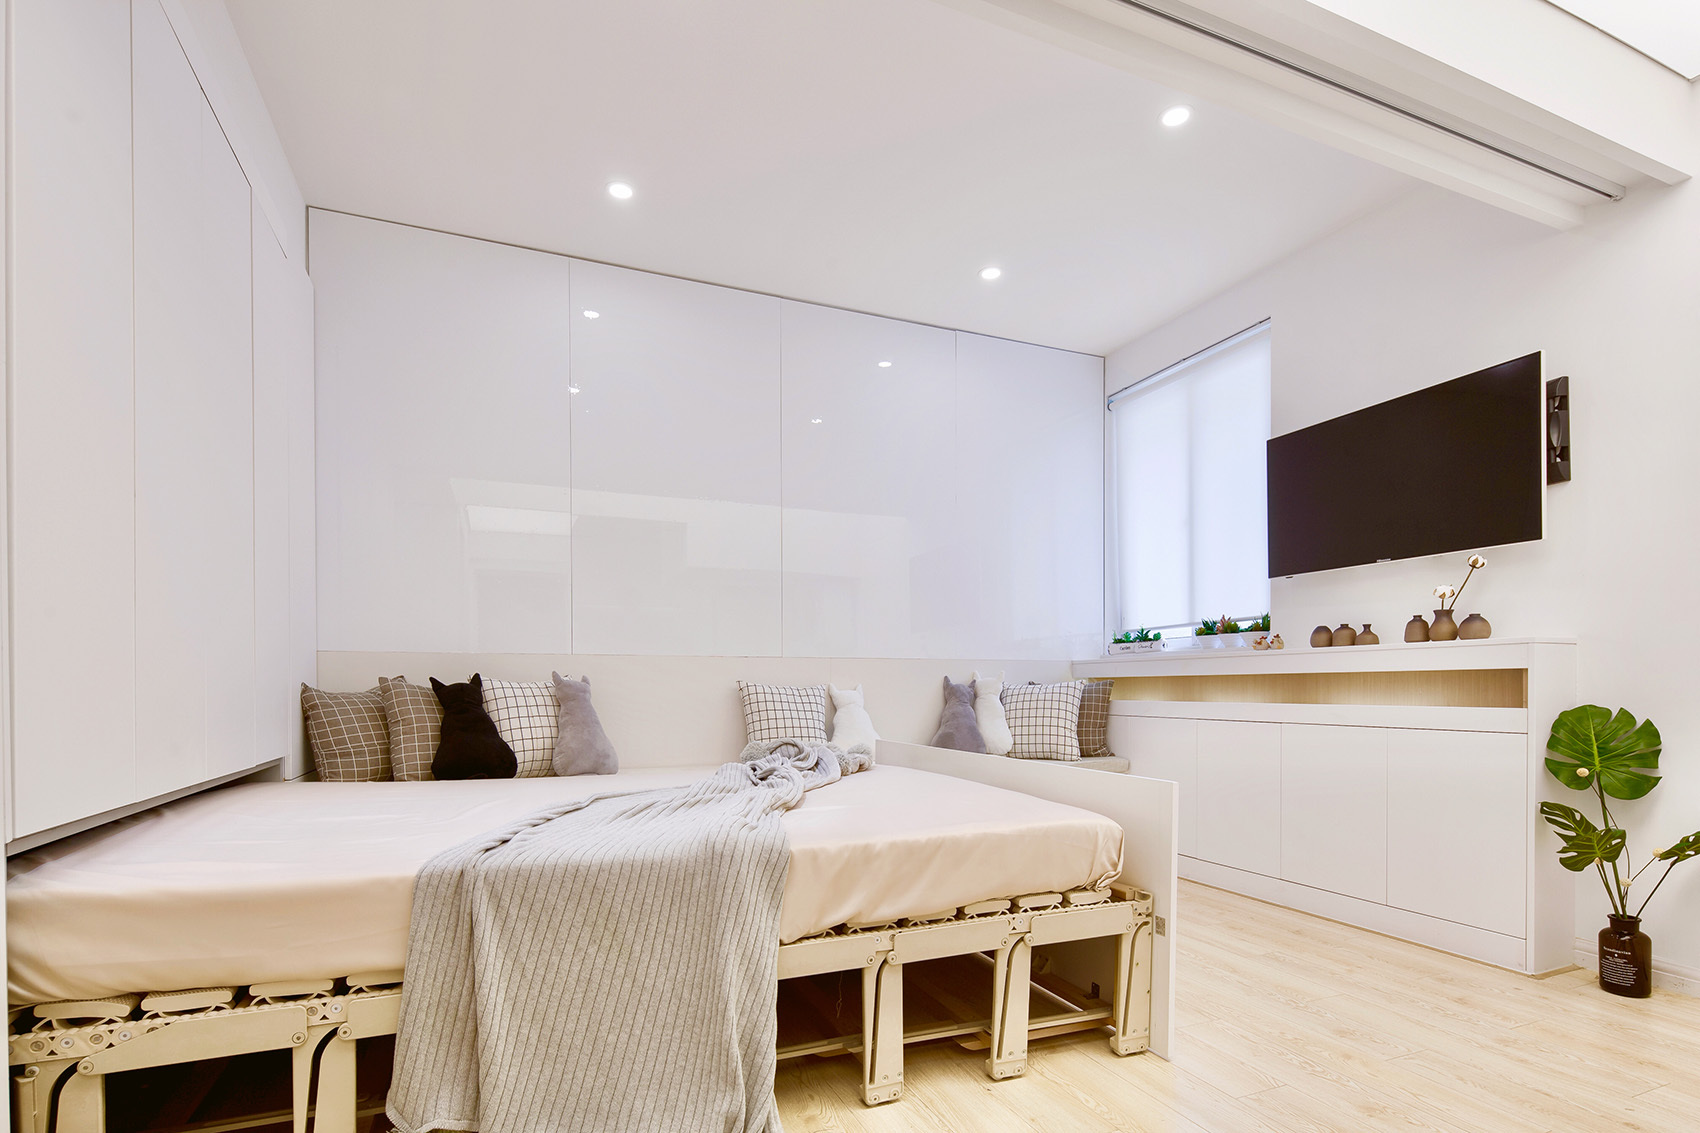 设计师在客厅加一抽屉床,70平米的小户型房子装修成了三室一厅